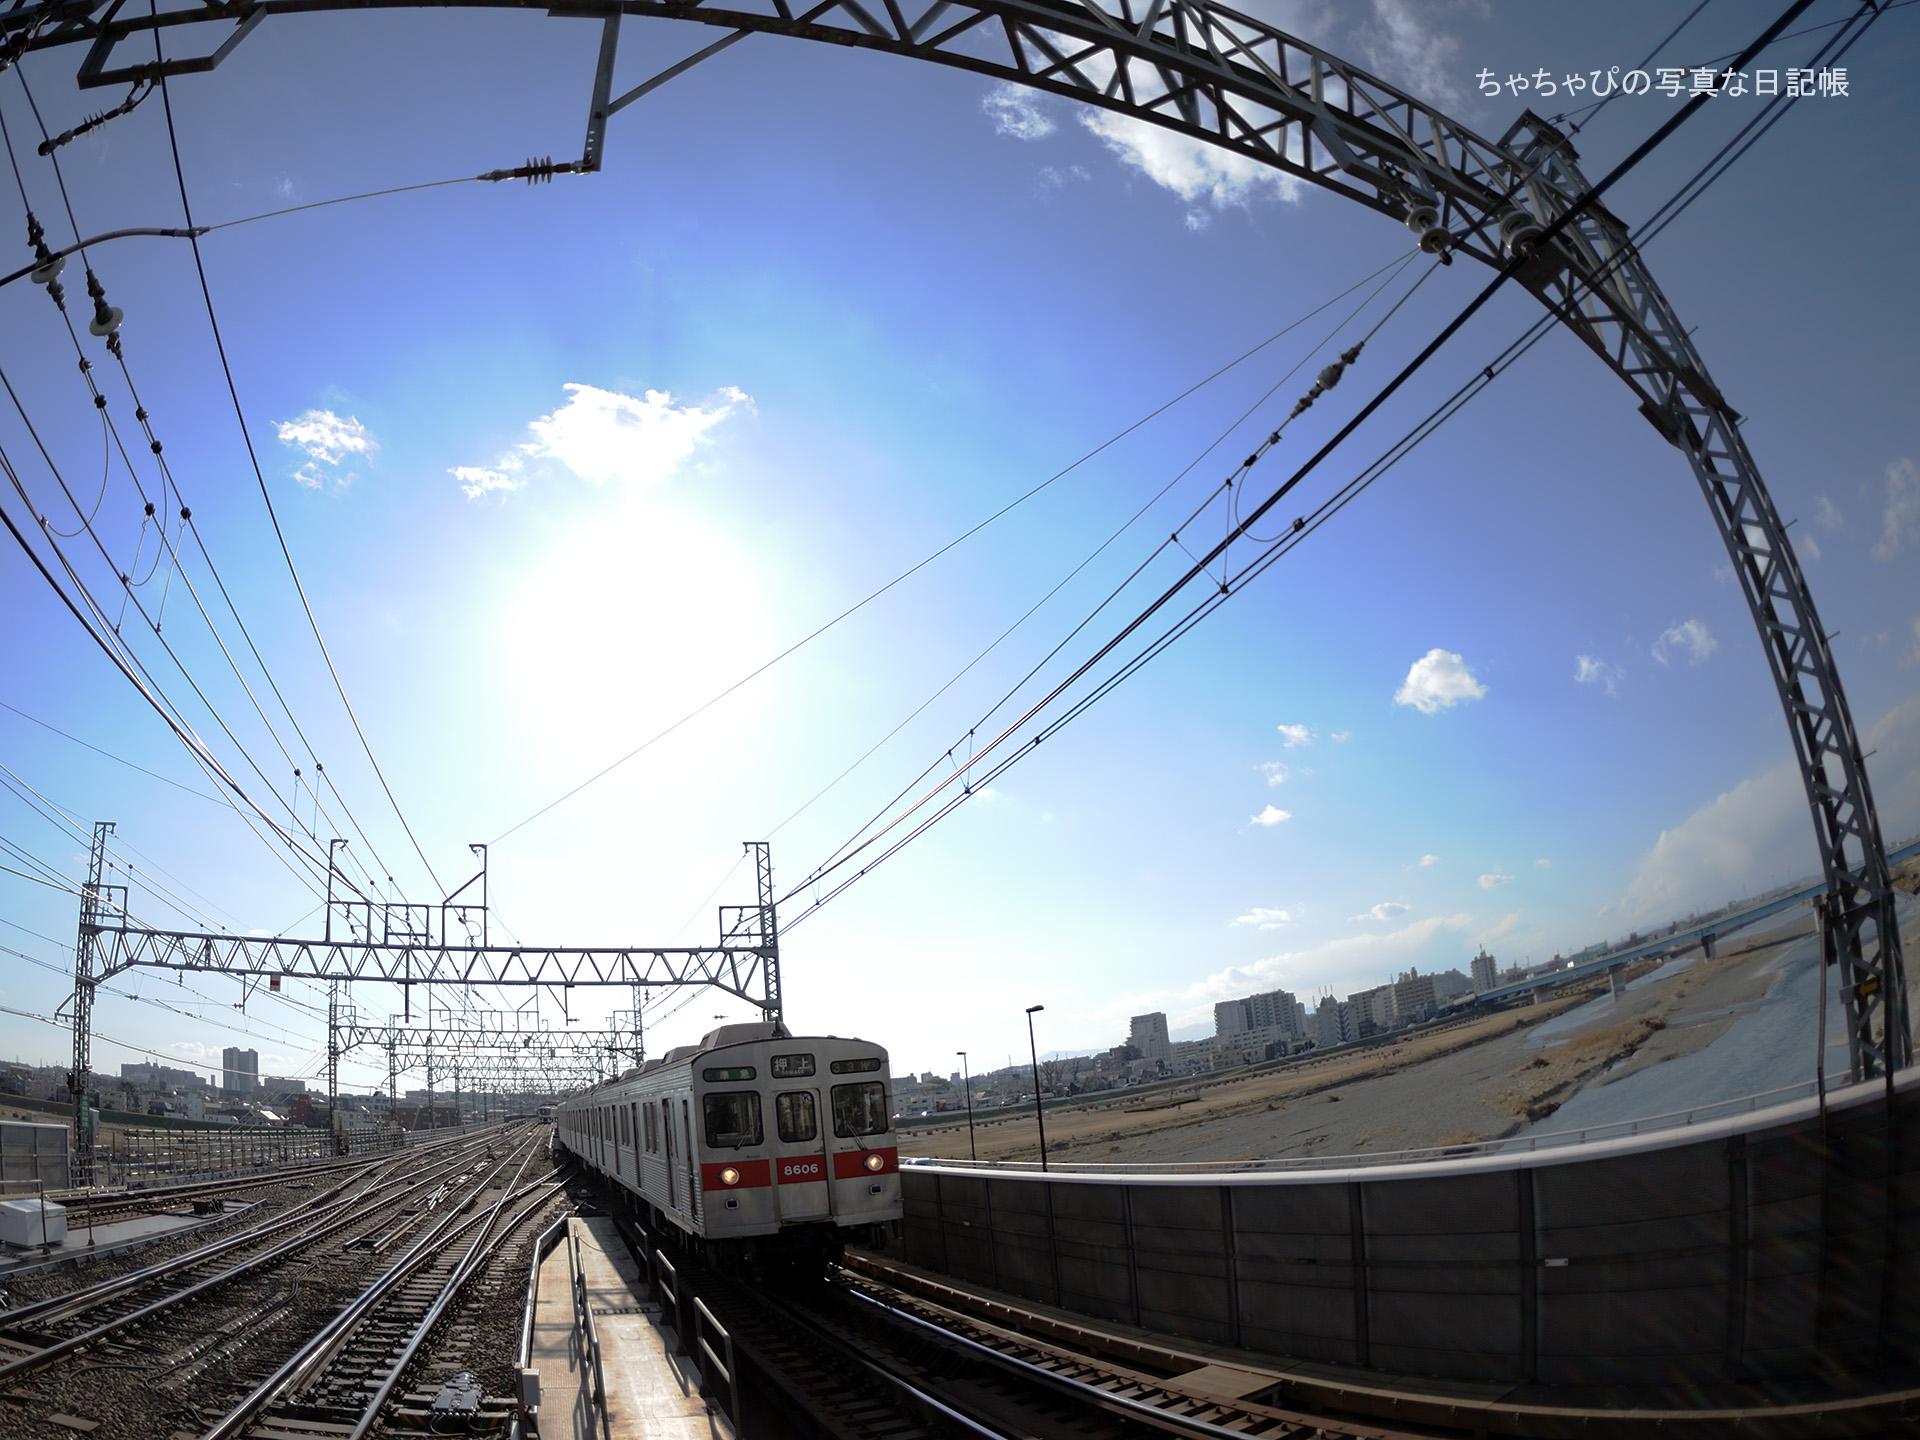 東急田園都市線 二子玉川駅 8500系 -33ゥ 8606F-